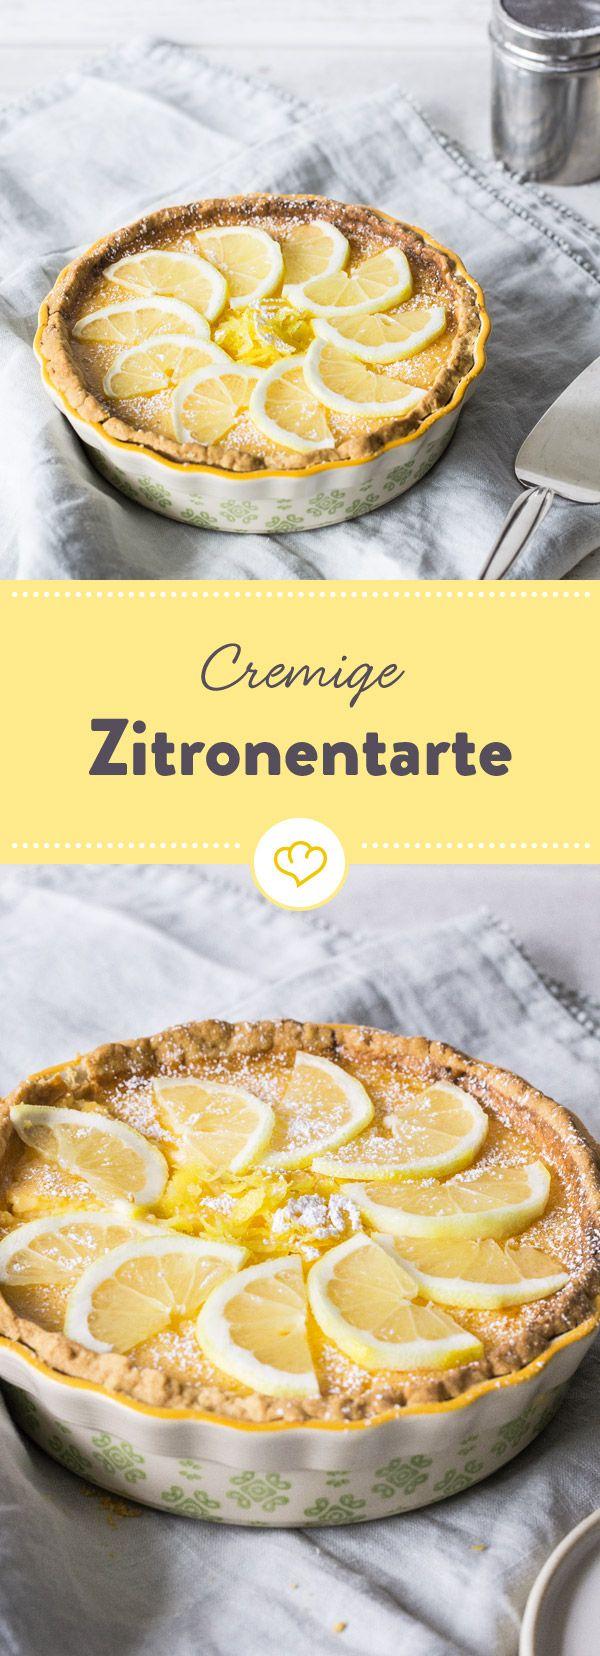 Träum dich ans Mittelmeer! Mit dieser fruchtigen Zitronentarte mit knusprigem Boden und leckerer Zitronencreme fühlst du dich ganz schnell wie im Urlaub.